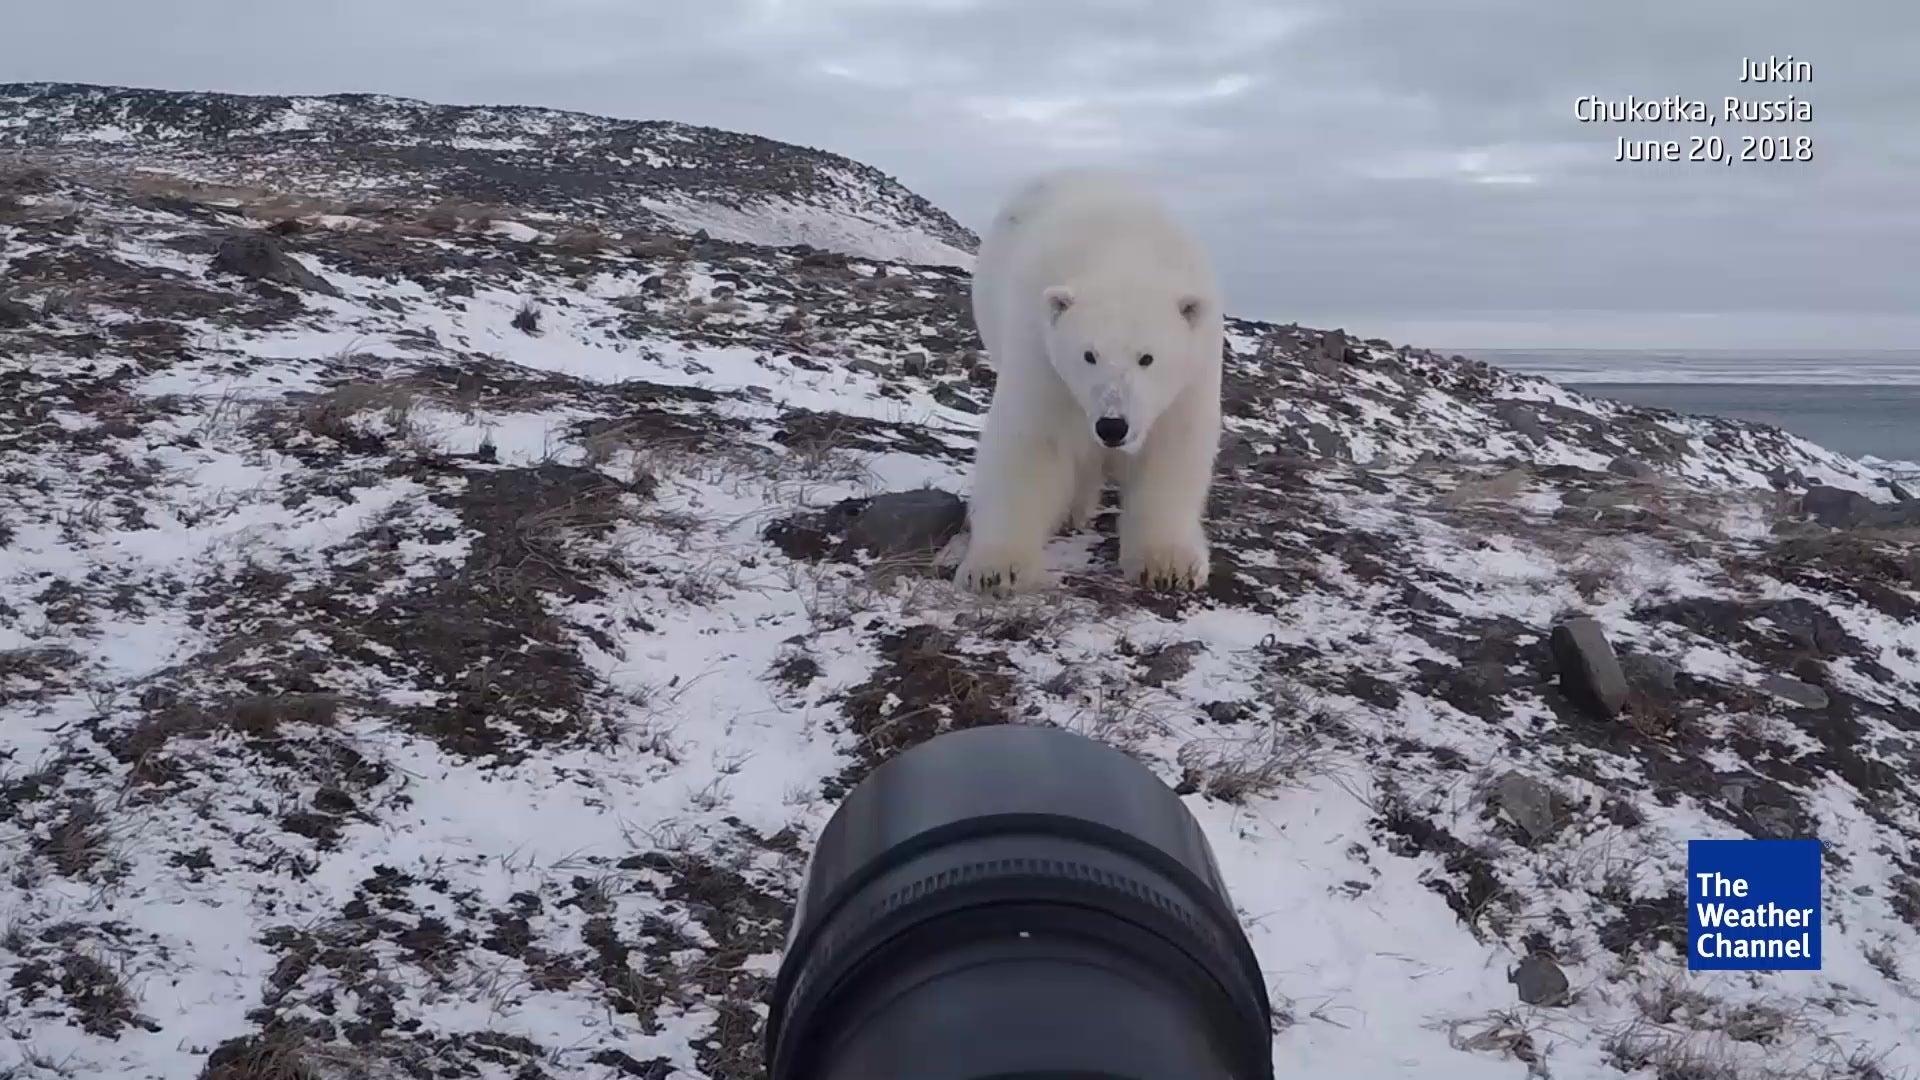 Fotograf trifft Eisbär - ein Machtkampf entbrennt